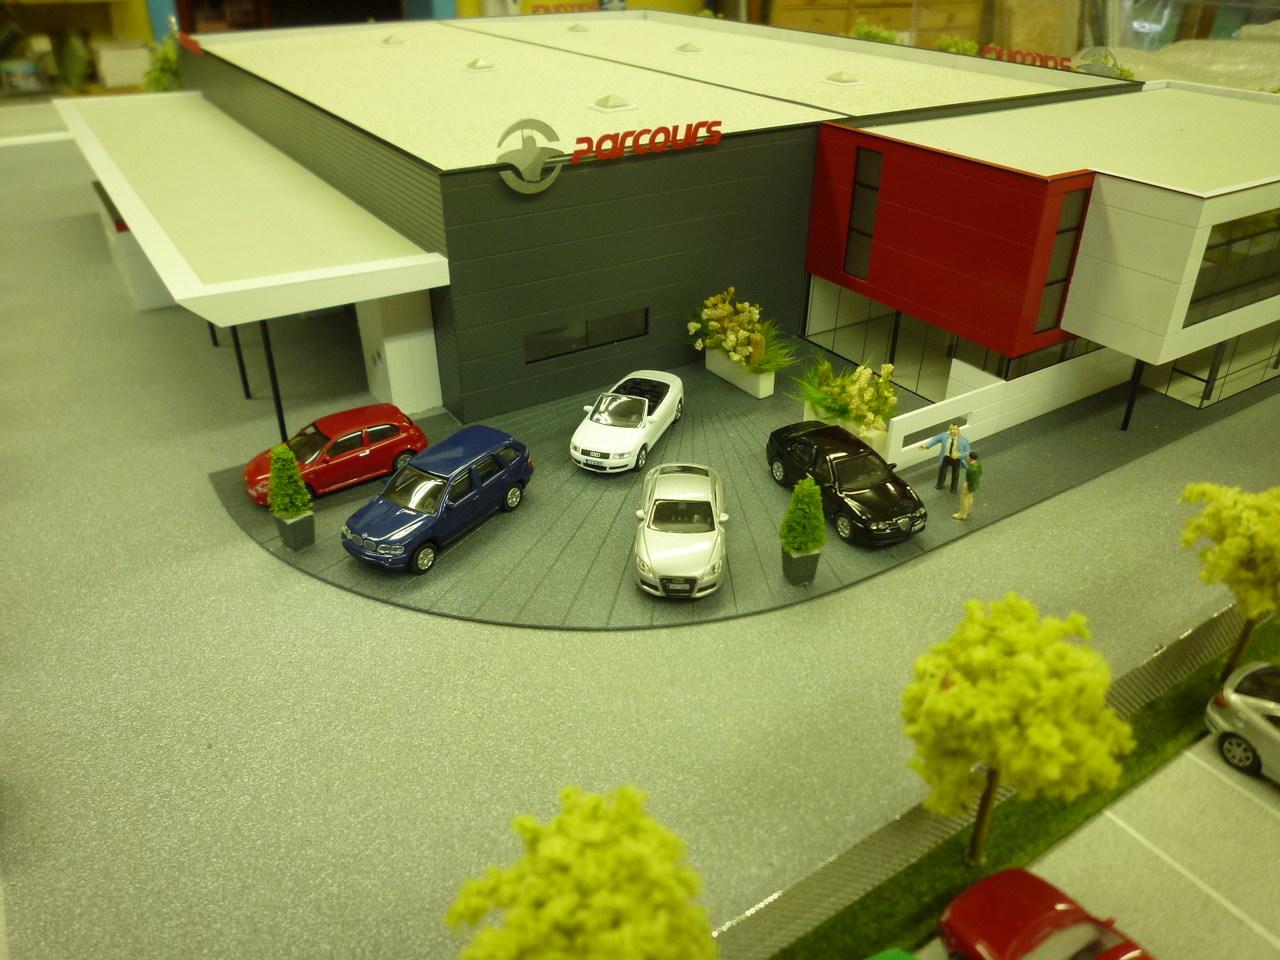 Parcours - 1/72 - concession automobile